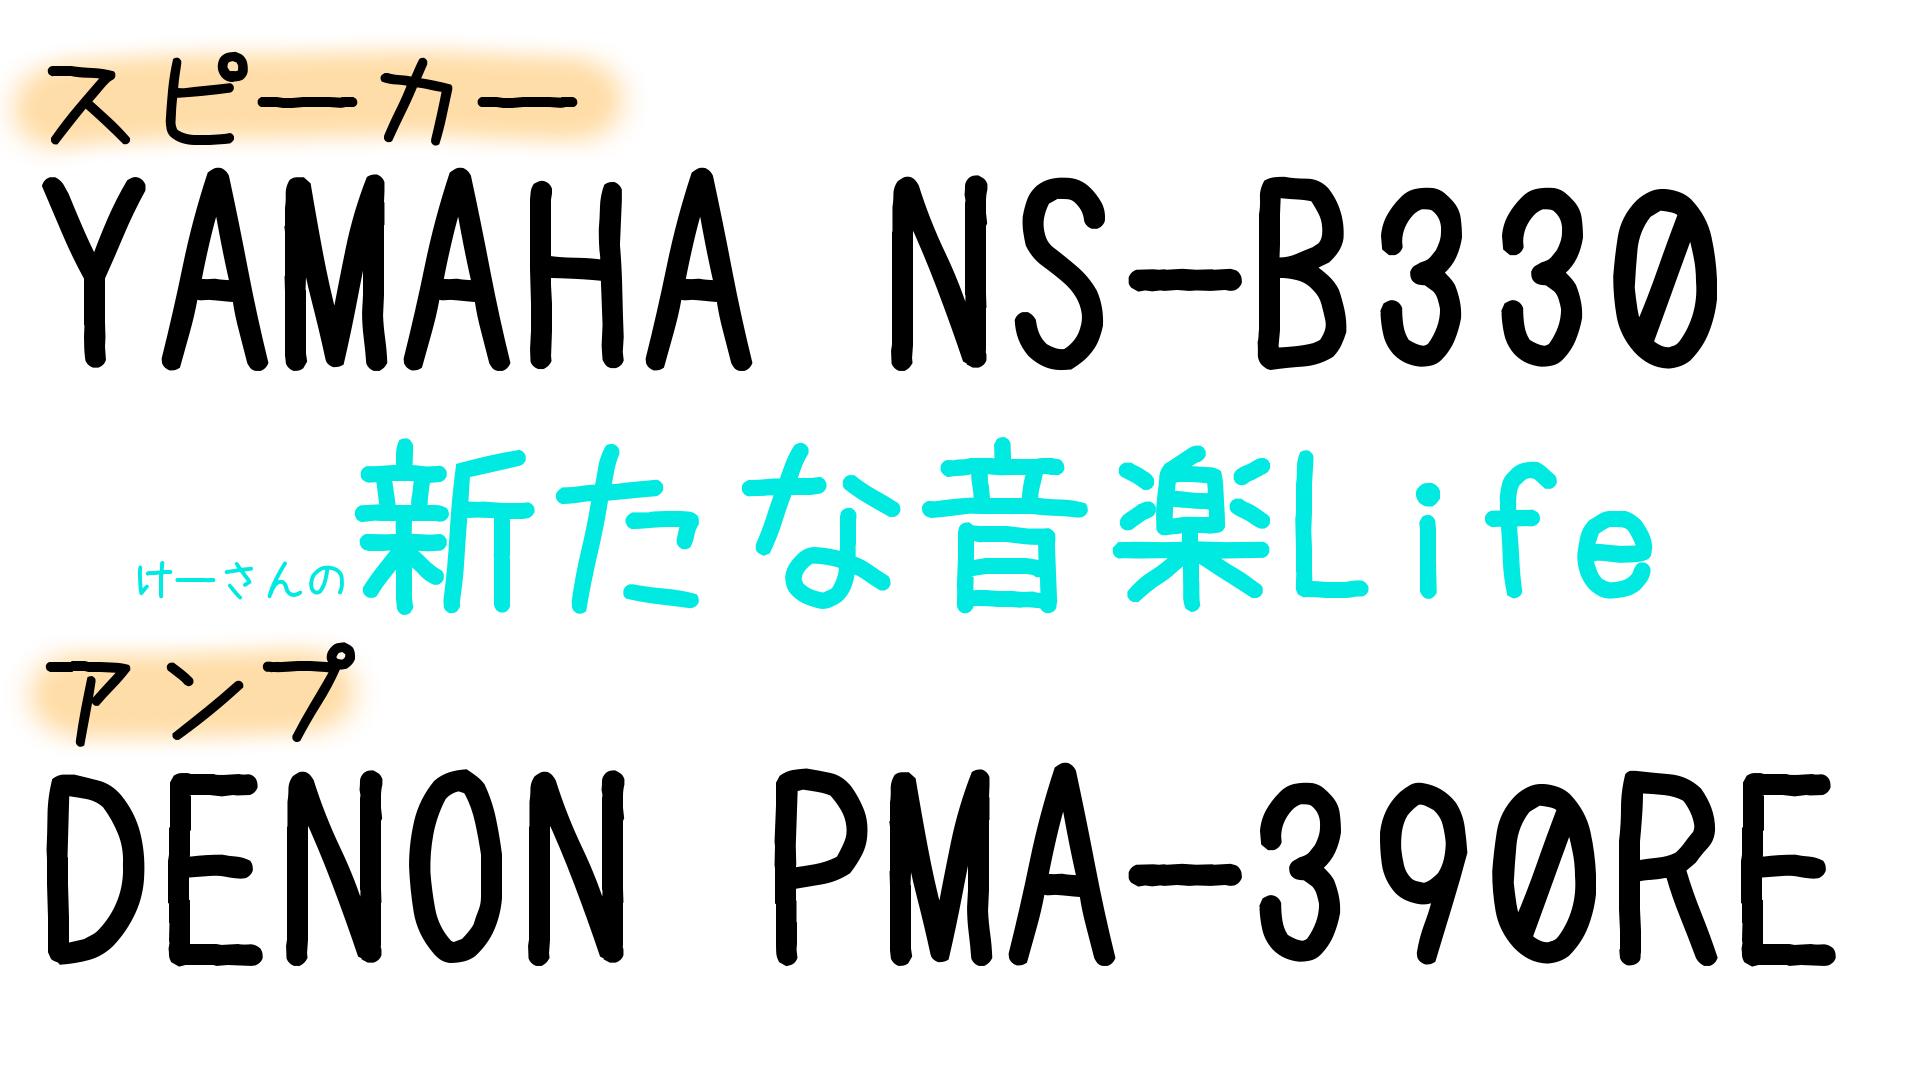 スピーカーYAMAHA NS-B330 アンプDENON PMA-390RE